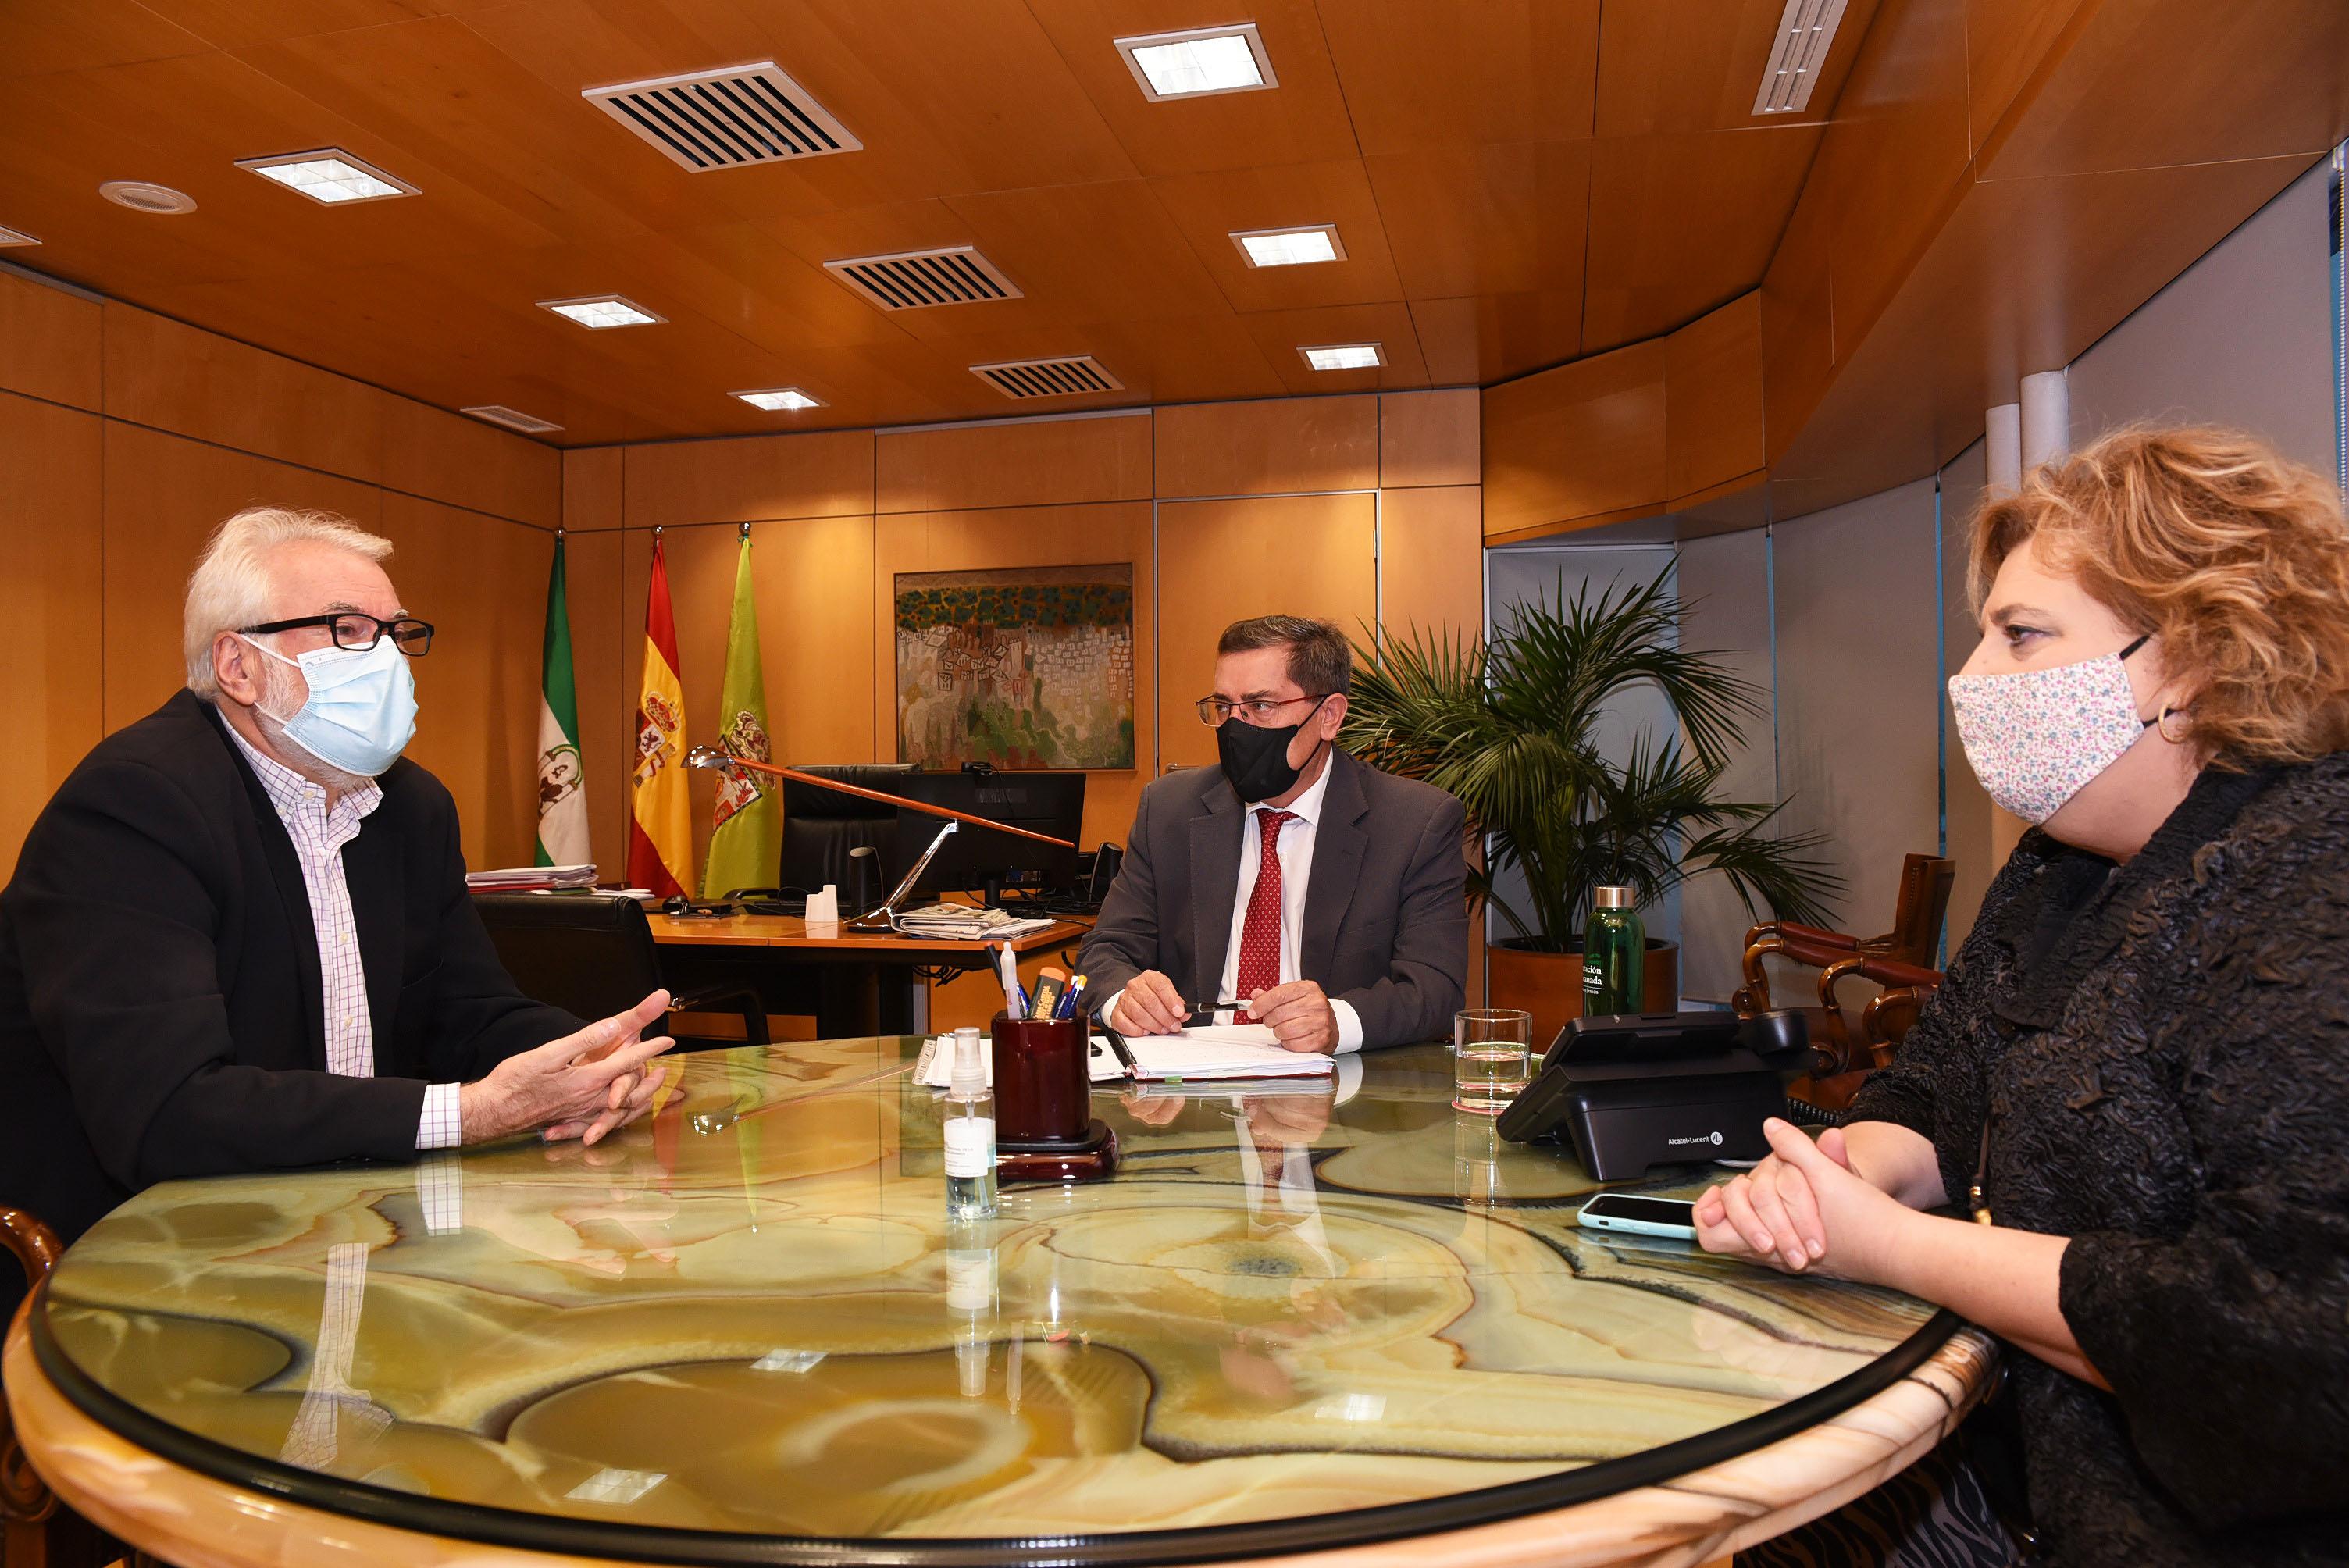 El presidente de Diputación se reúne con el director del Festival de Música y Danza